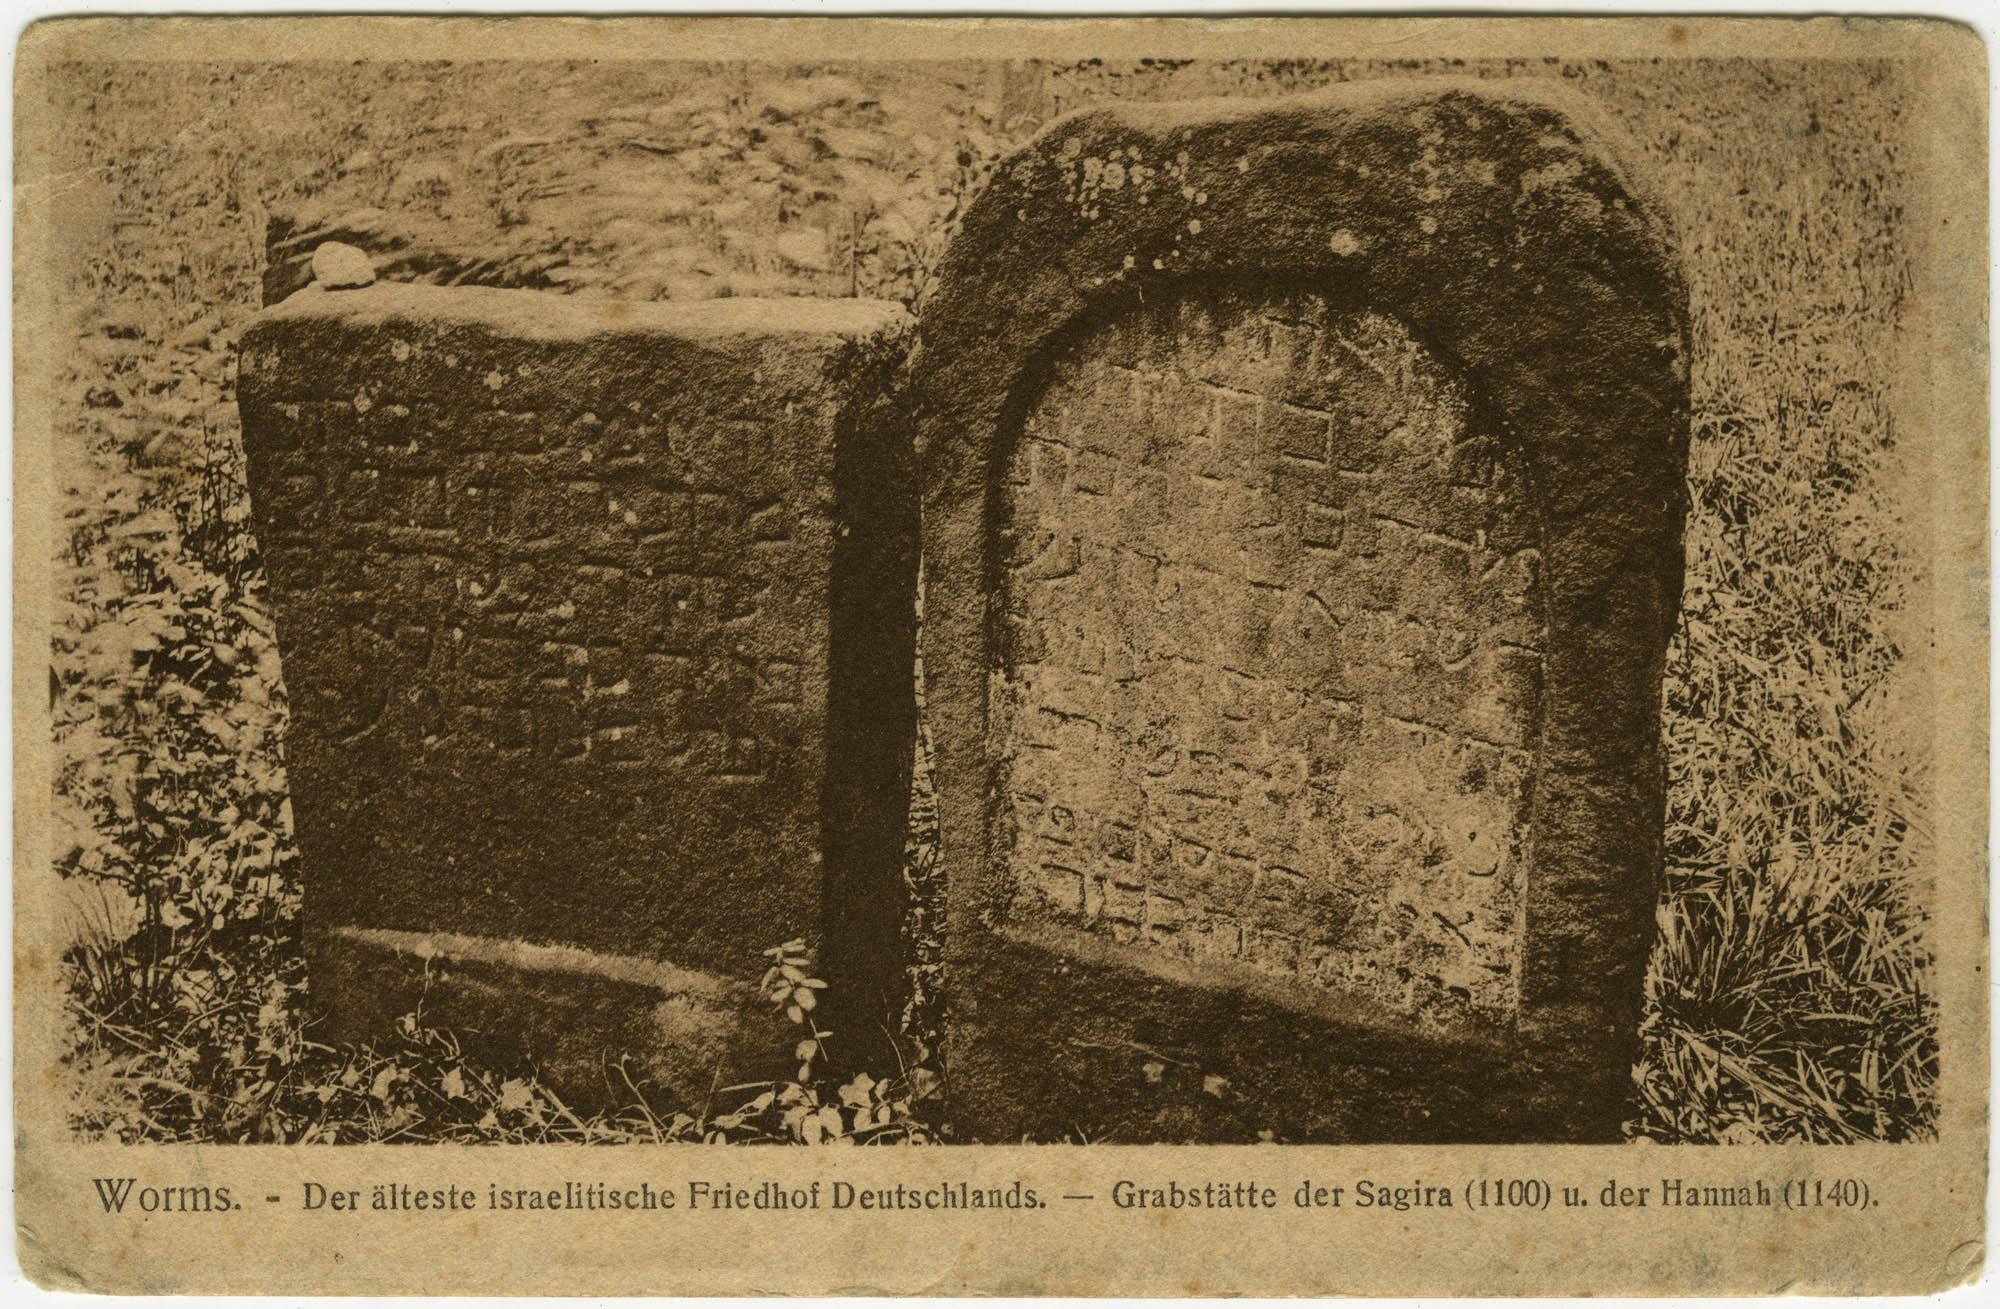 Worms. - Der älteste israelitische Friedhof Deutschlands. - Grabstätte der Sagira (1100) u. der Hannah (1140).